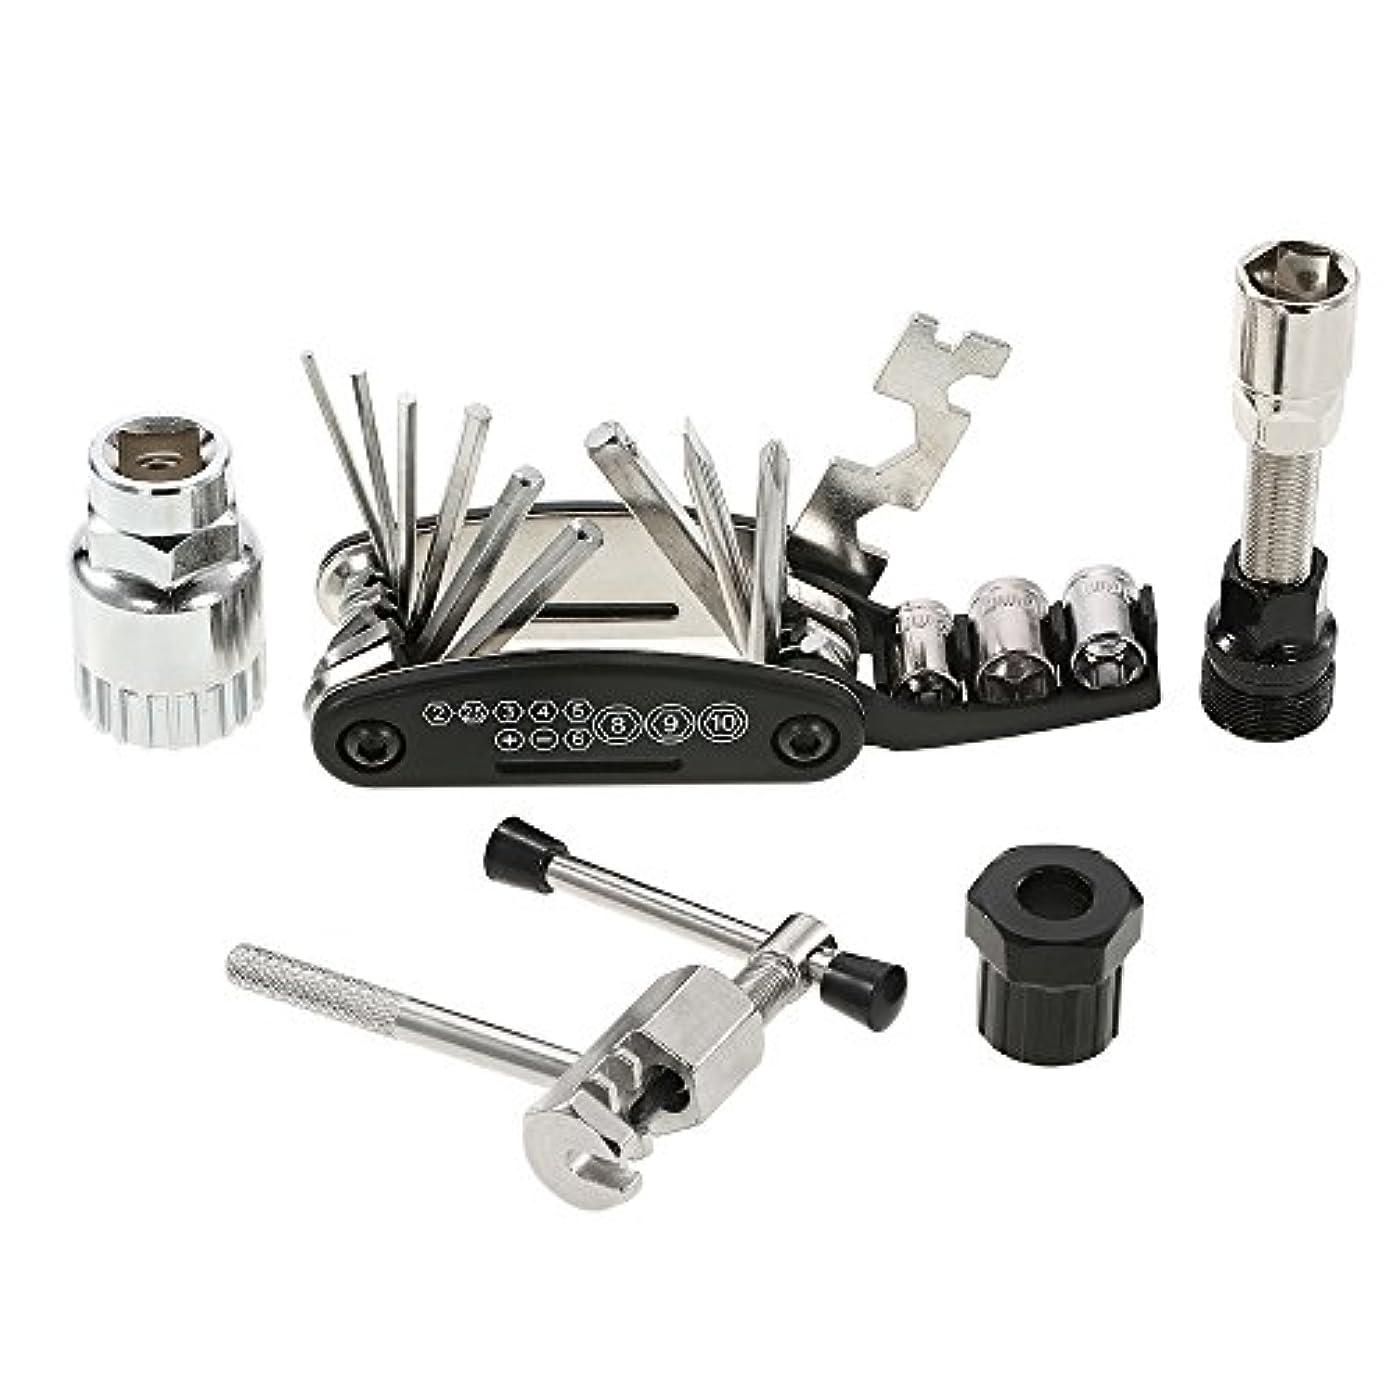 父方の加速度アメリカLixada 自転車工具セット 多機能修理ツール バイクメンテナンスセット 整備に必要な工具 折りたたみ 携帯便利